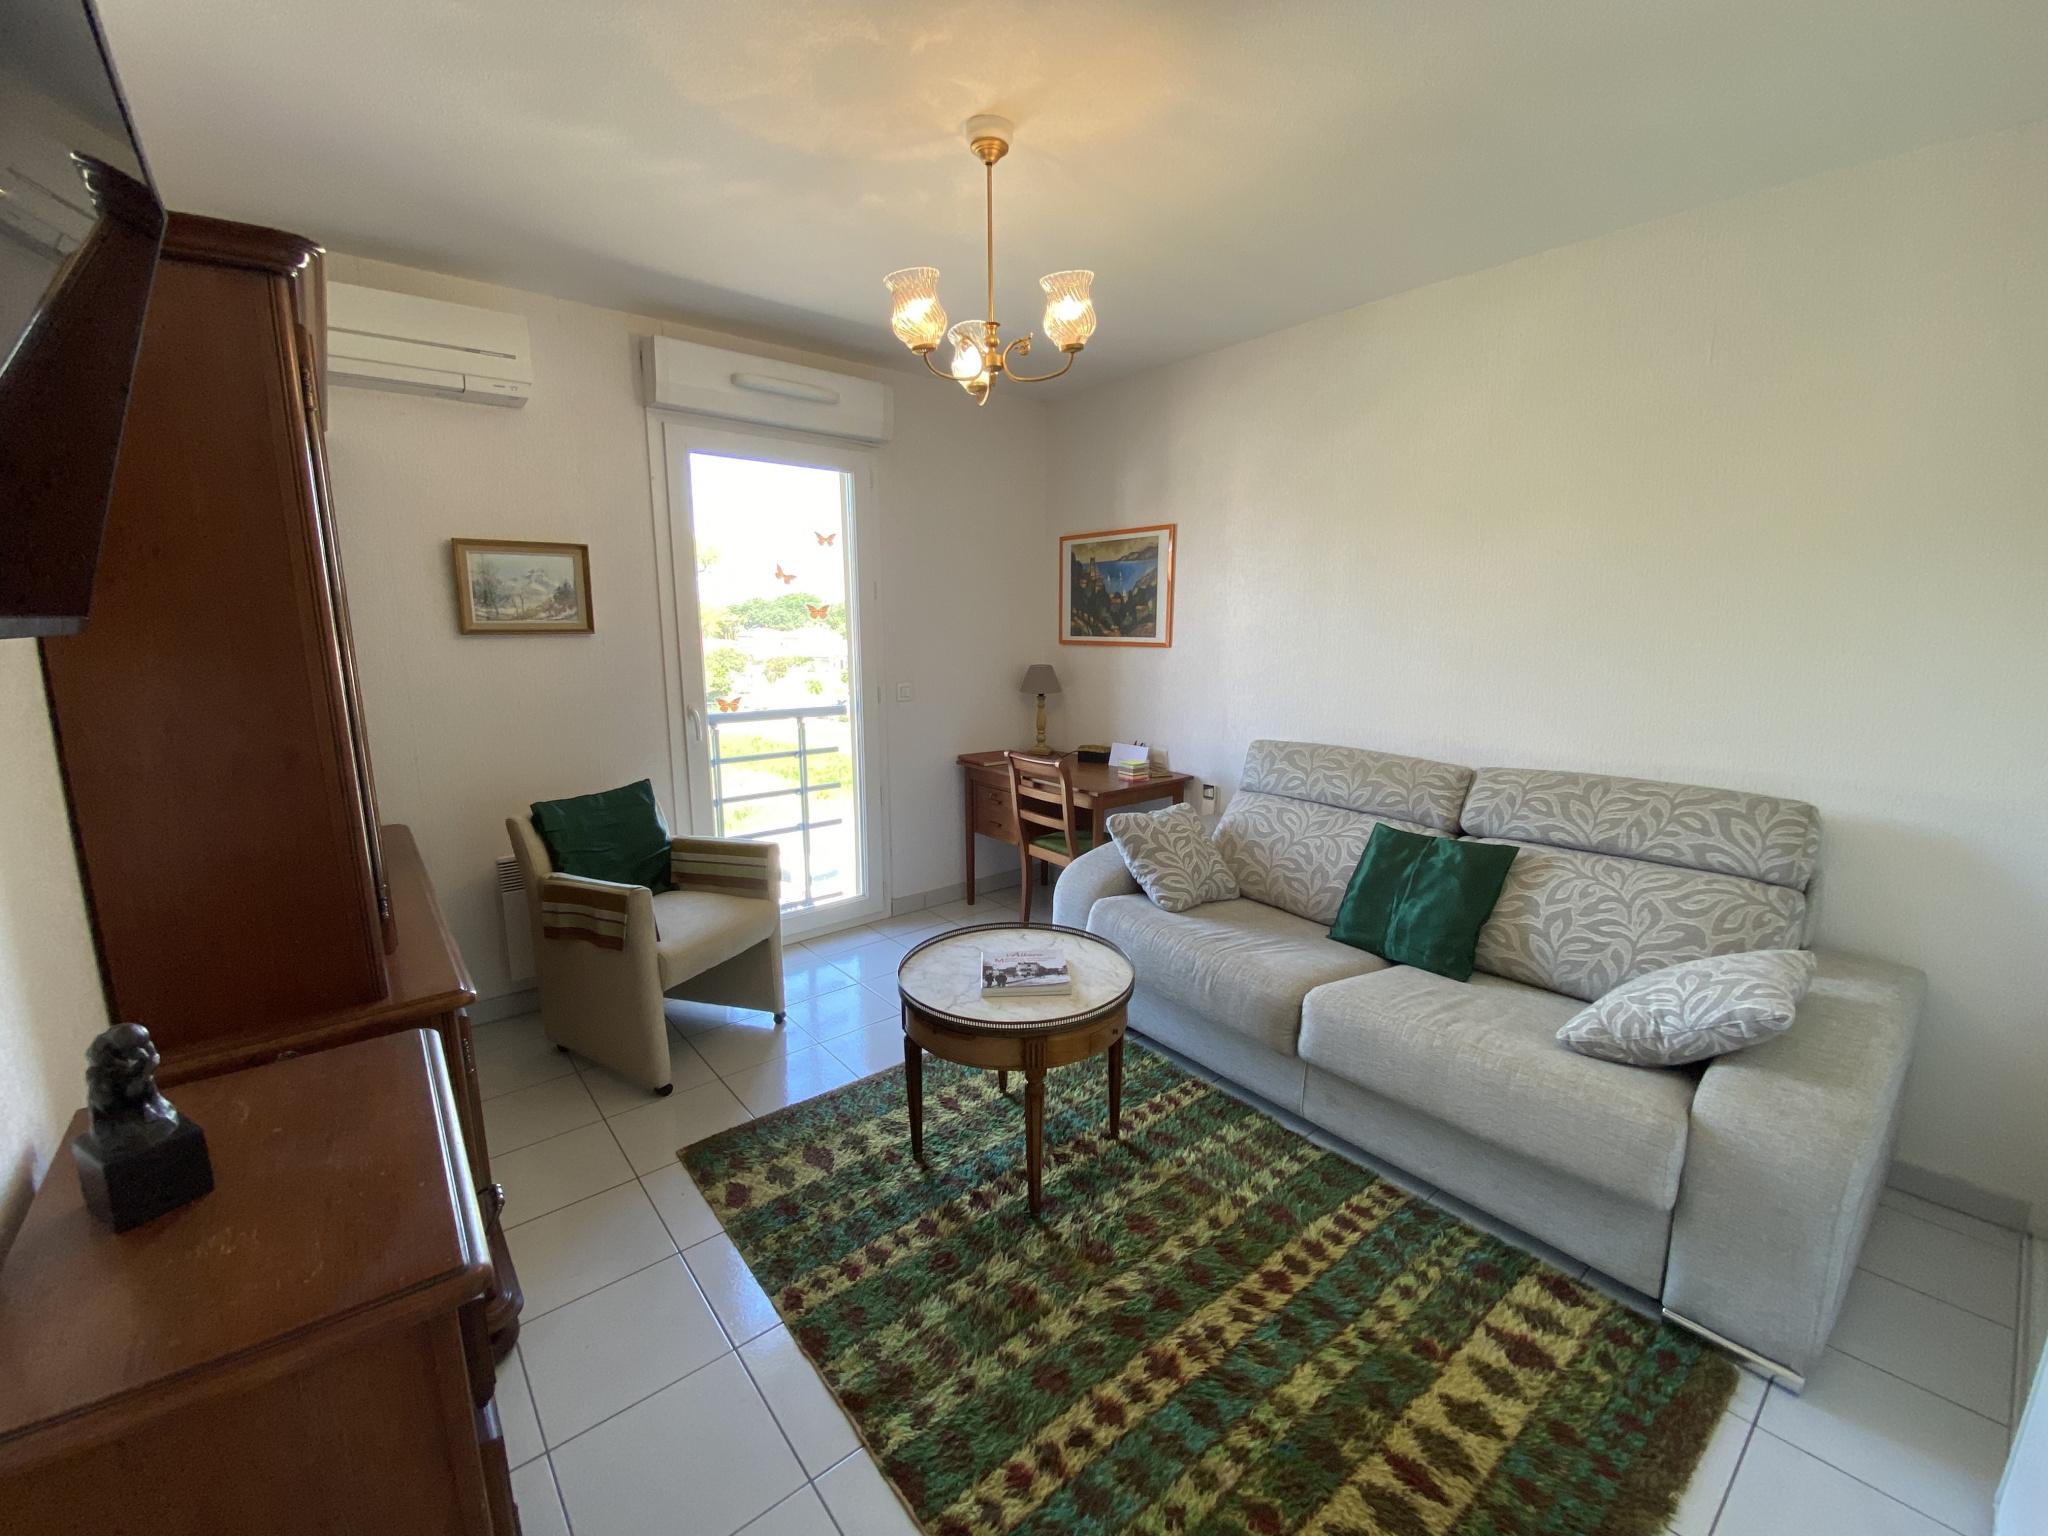 À vendre appartement de 80m2 à argeles sur mer (66700) - Photo 7'